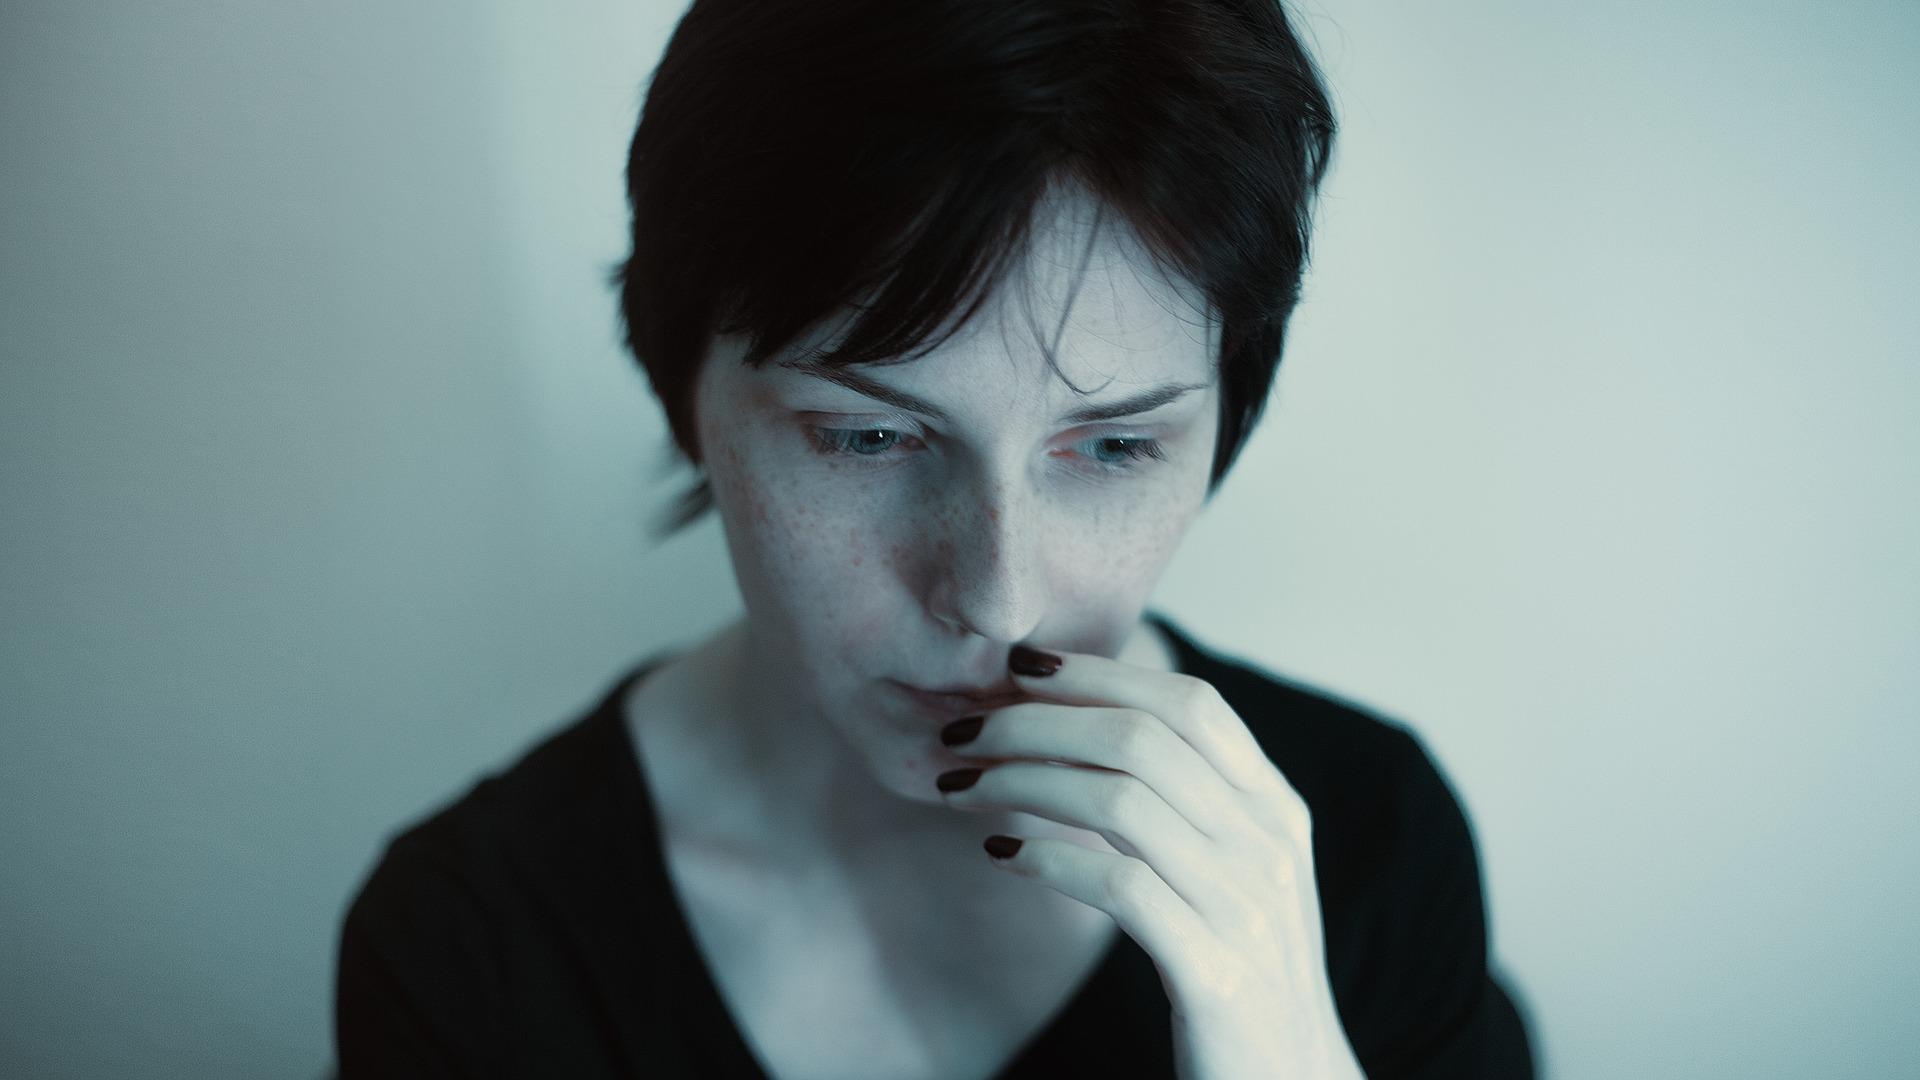 Junge Frau nachdenklich und mit Ängsten